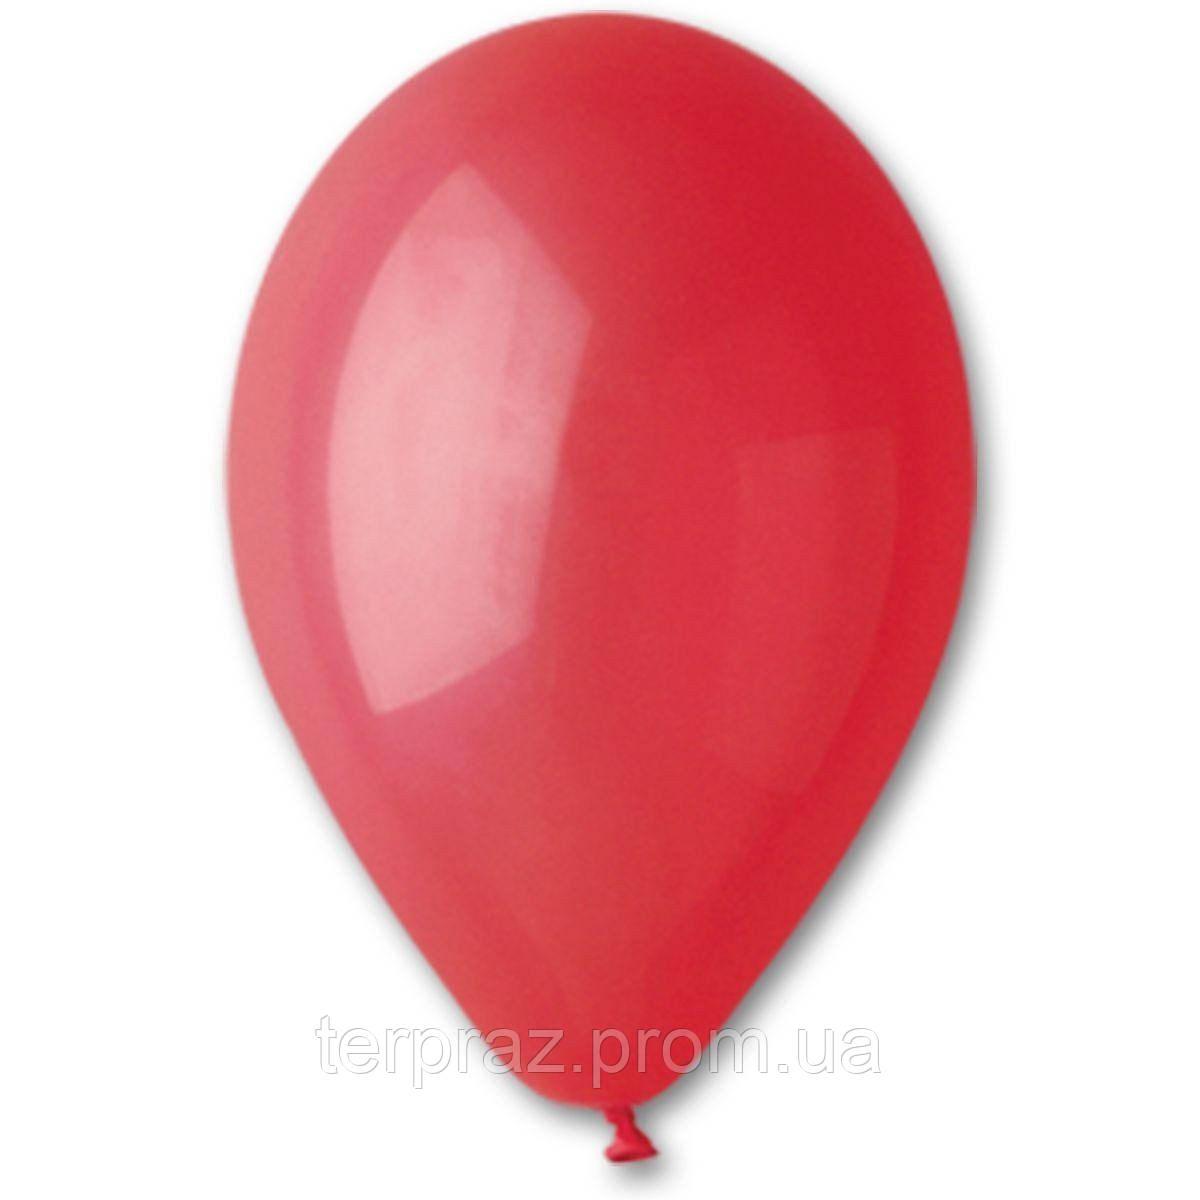 """Латексные шары круглые без рисунка 12"""" (30 см) / 45 пастель ярко-красный"""